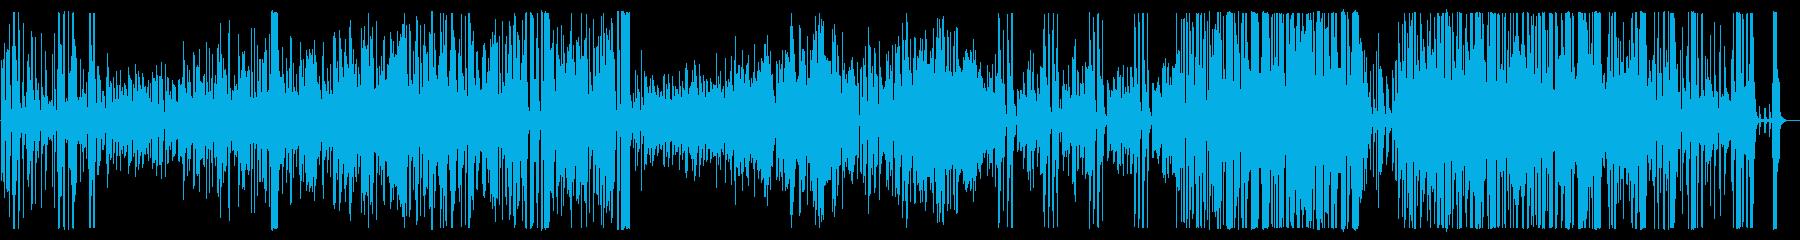 ミドルテンポの明るいビッグバンド曲の再生済みの波形